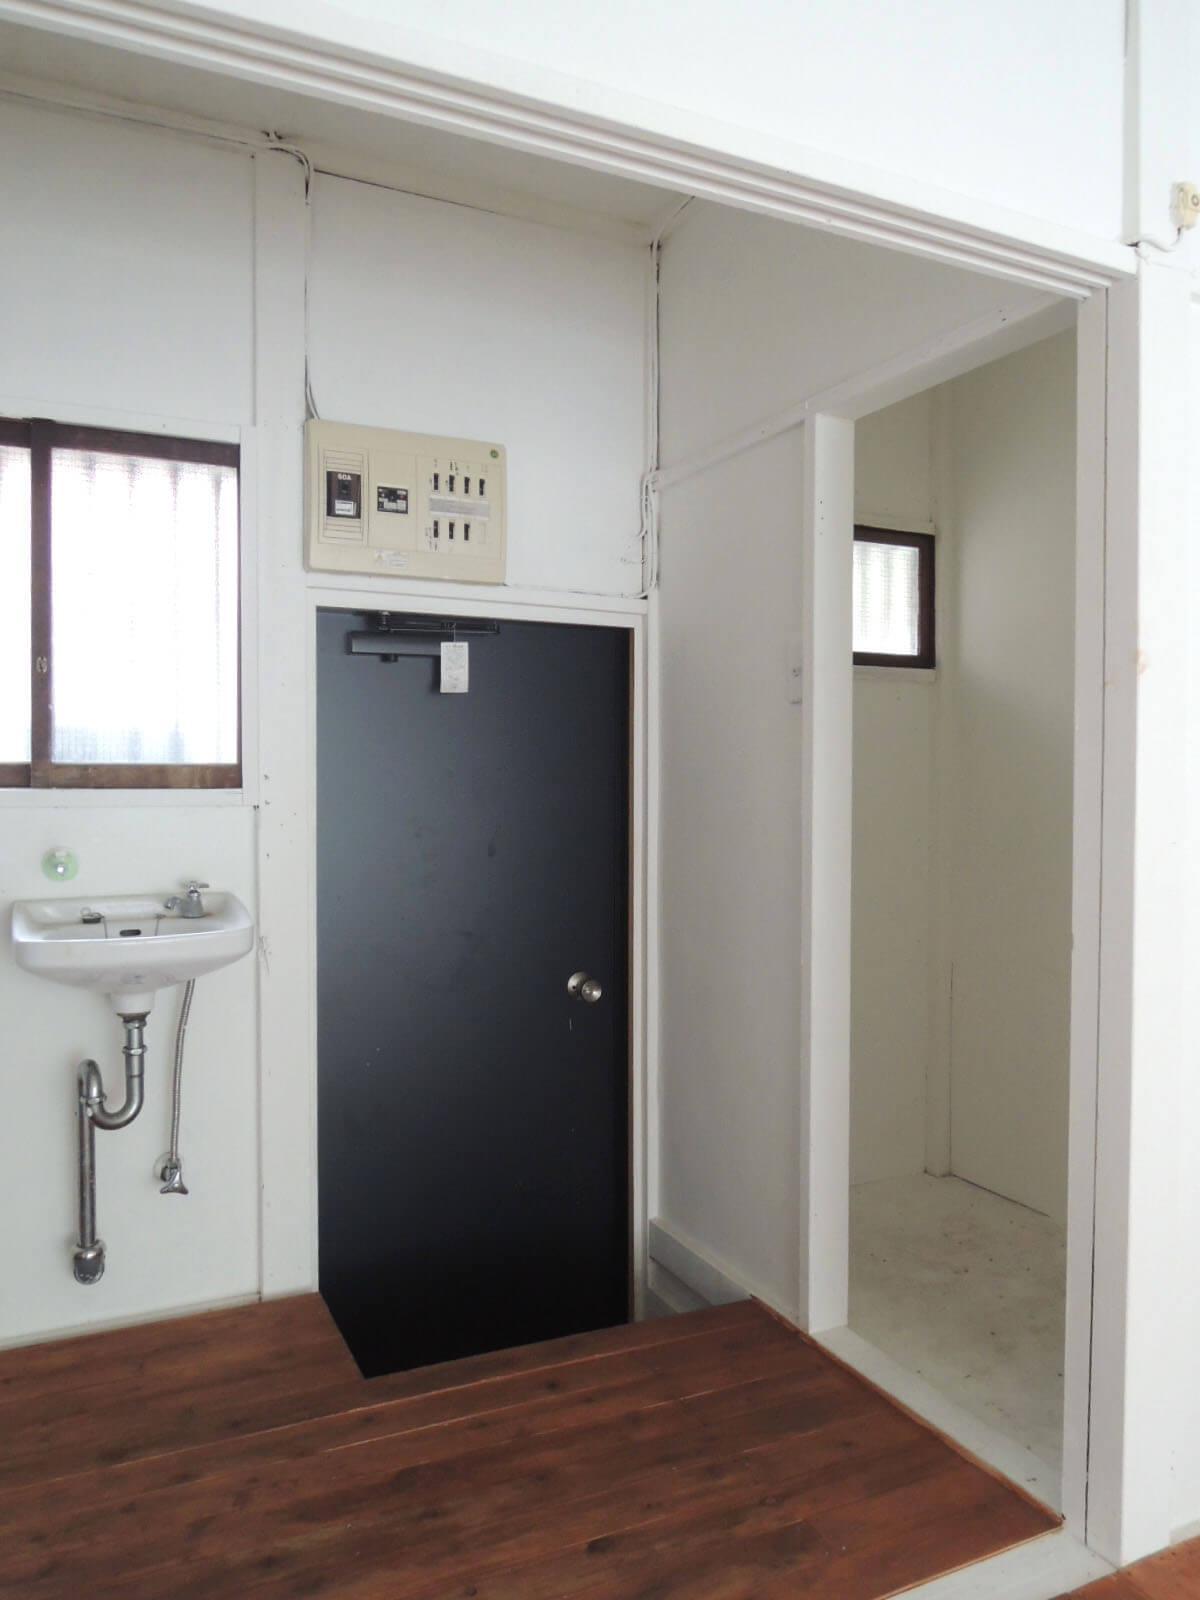 右側には小さな納戸スペースが